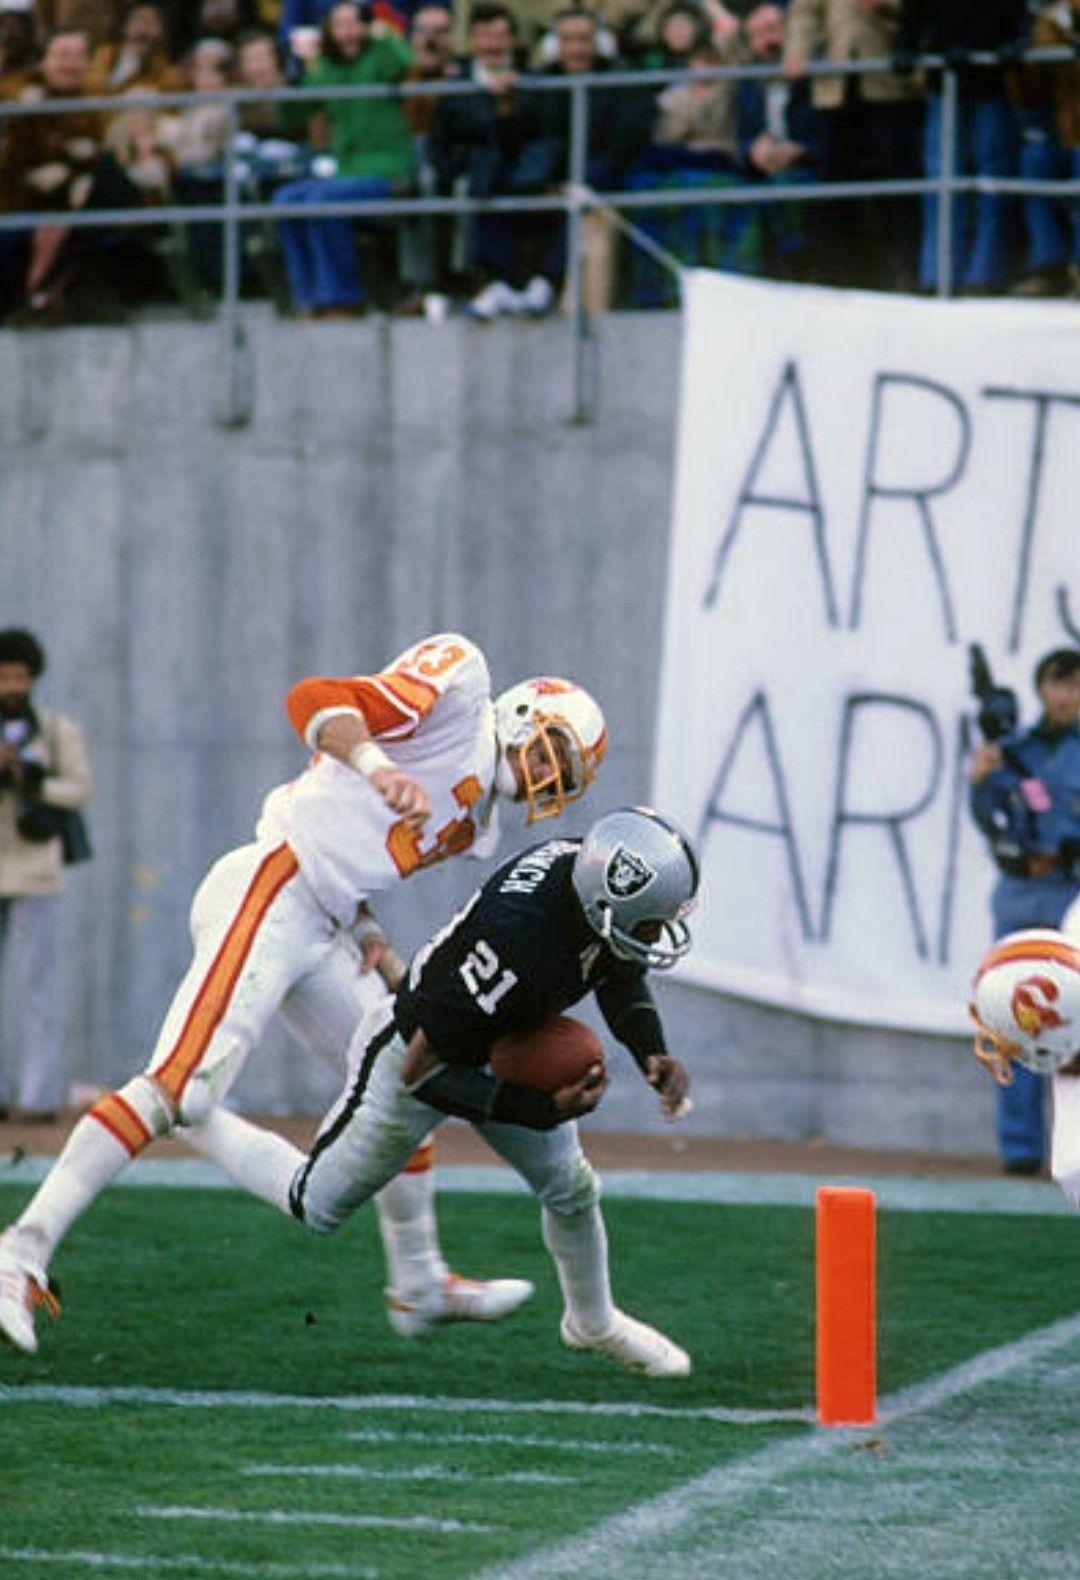 1976 Buccaneers At Raiders Nfl Players Nfl Uniforms Football Cheerleaders